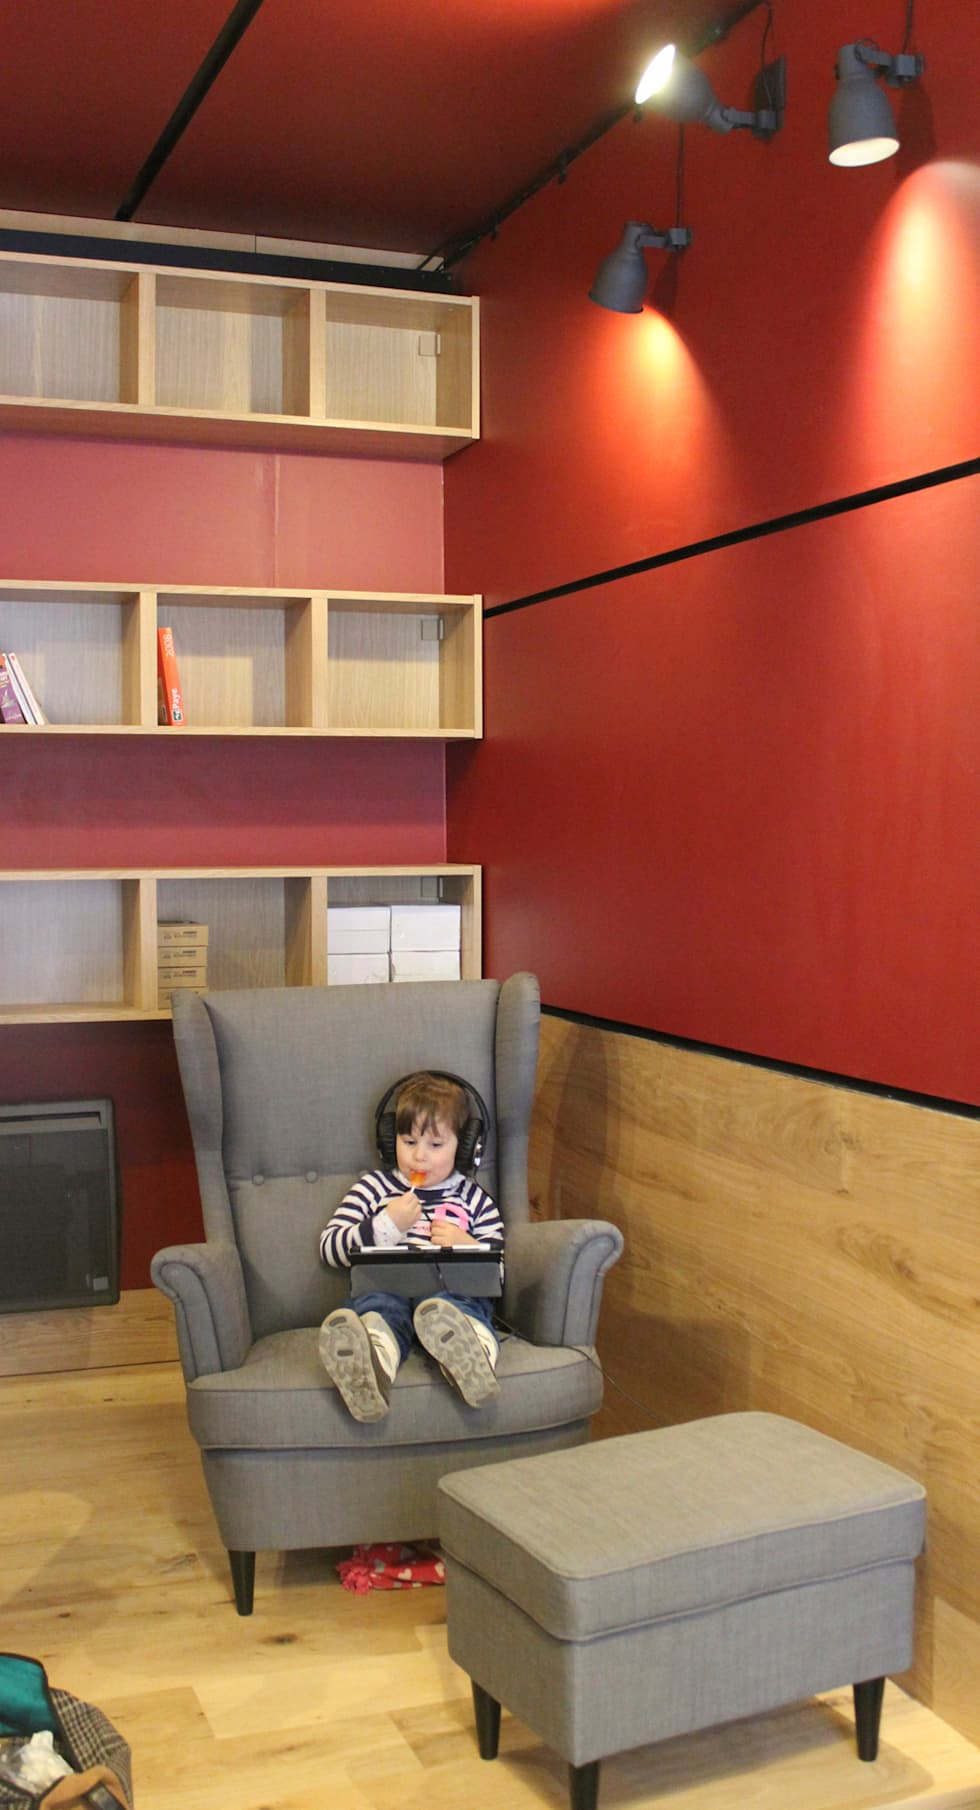 Cowork in Grenoble - Espace Coworking: Bureau de style de style eclectique par ISIT ARCHITECTURE